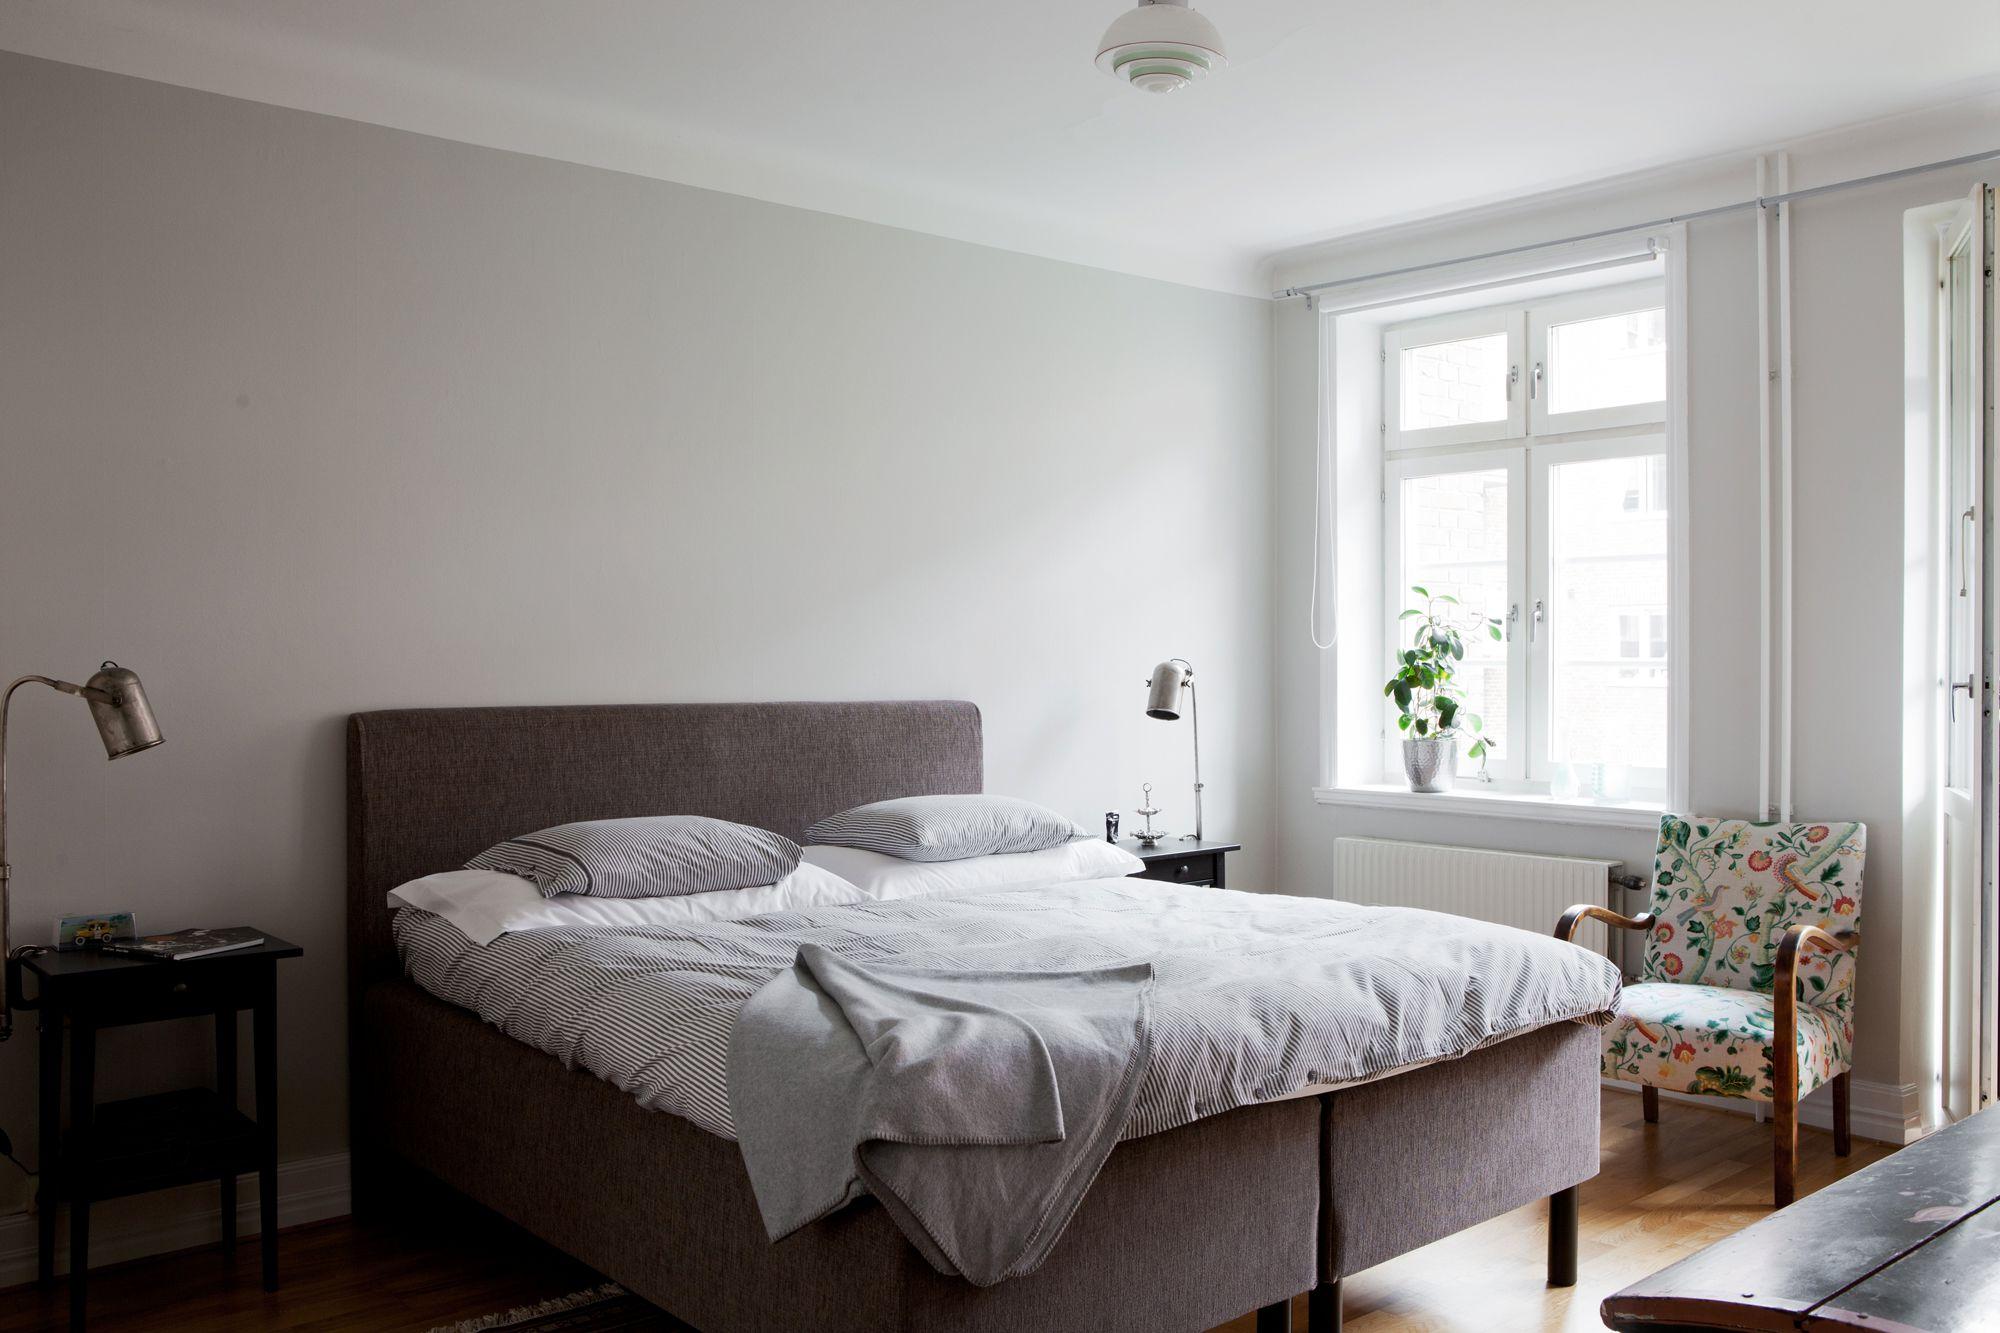 muebles ikea decoración suelo madera de roble decoración en gris y